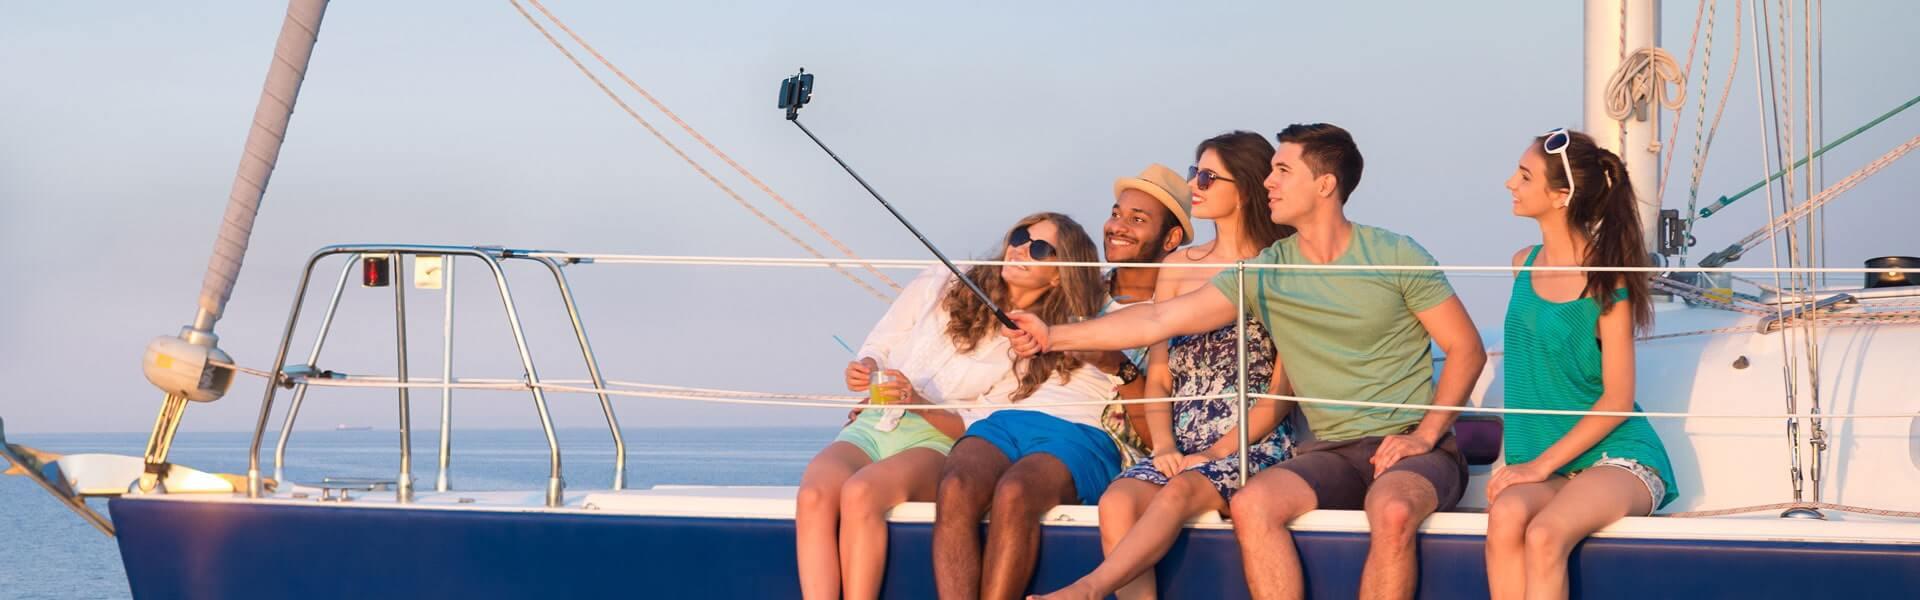 Segeln auf dem Atlantik, Segeltörn als Incentive Reise von Faro nach Madeira